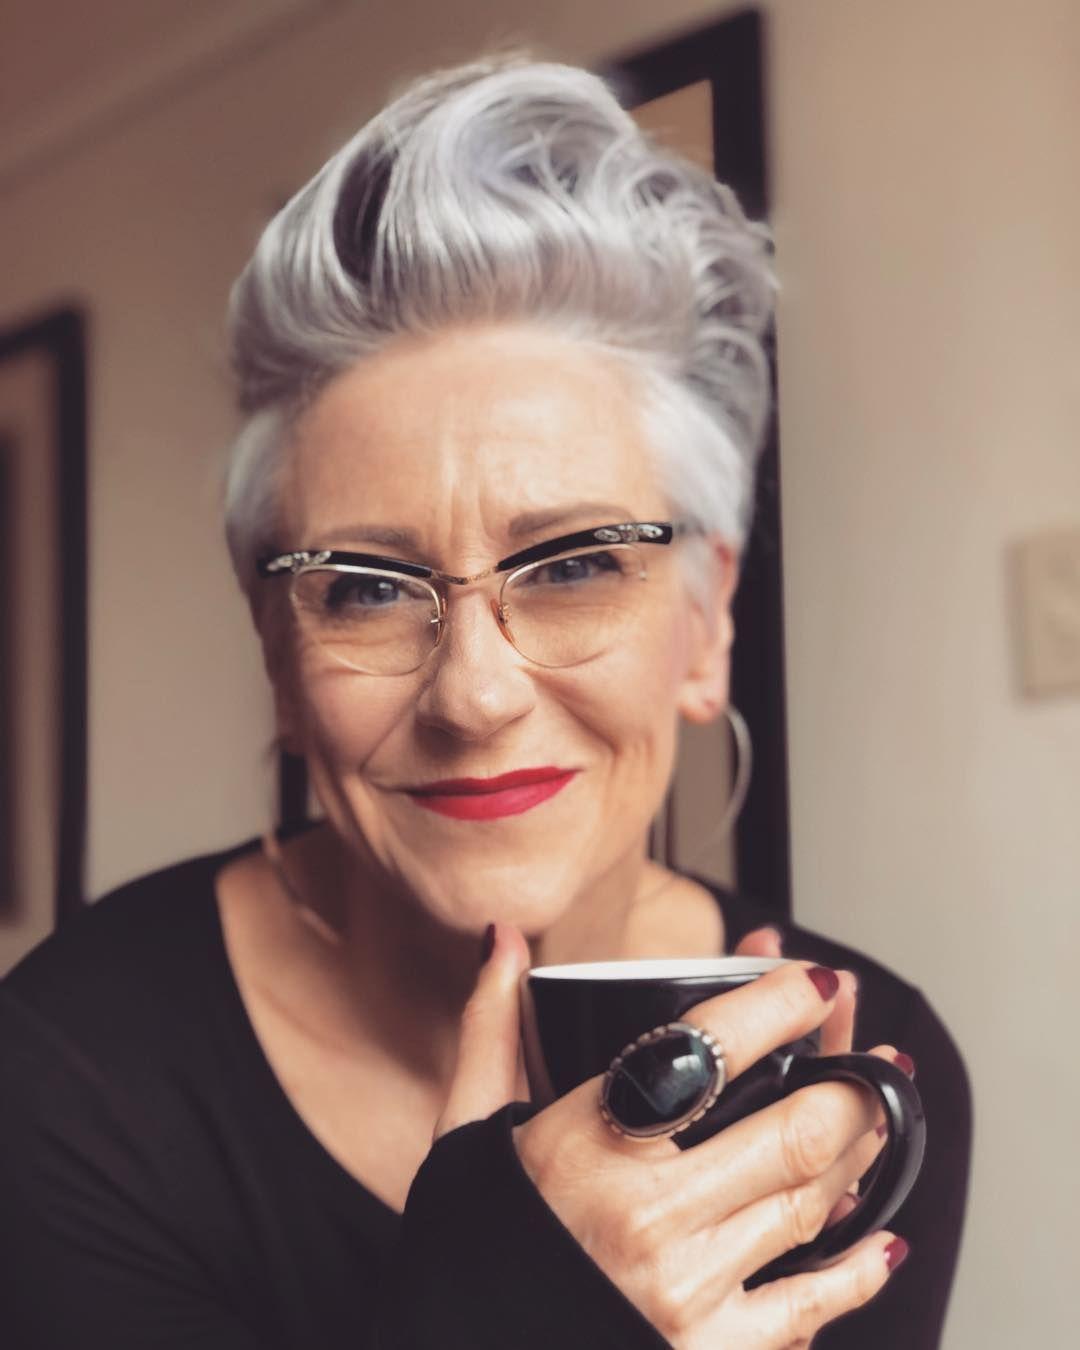 стрижка канадка 2020 для женщин 40-50 лет фото 1